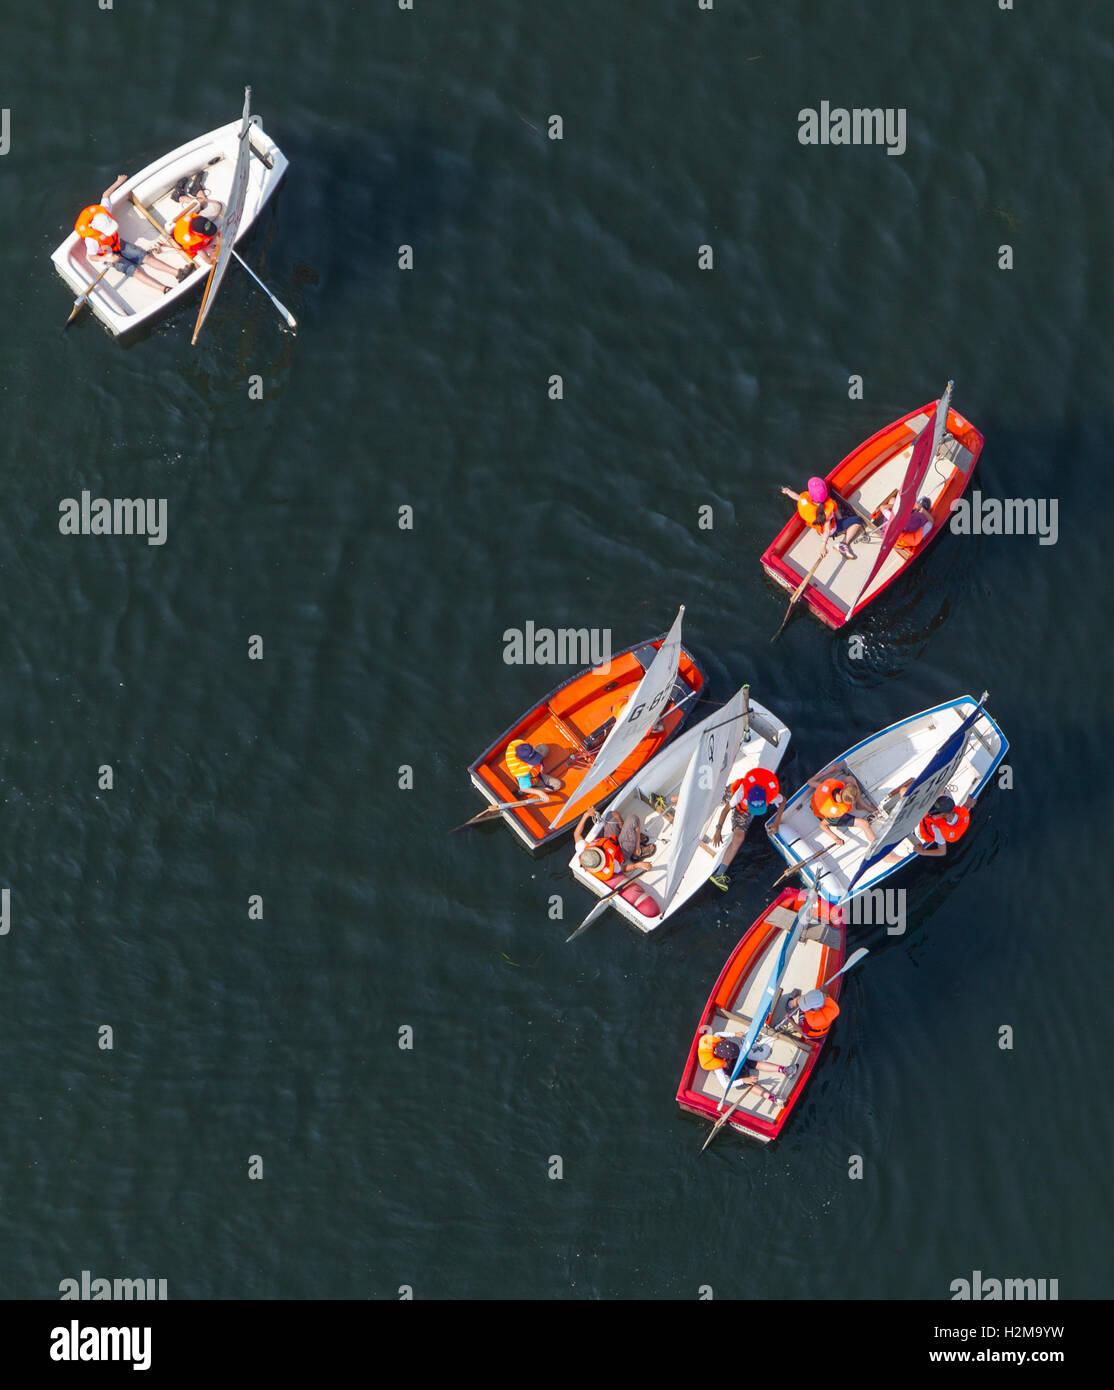 Luftbild, Segelschule auf dem See, Optimist, Segelboot, Kemnade, Kemnader dam, Luftaufnahme von Bochum, Ruhrgebiet, Stockbild